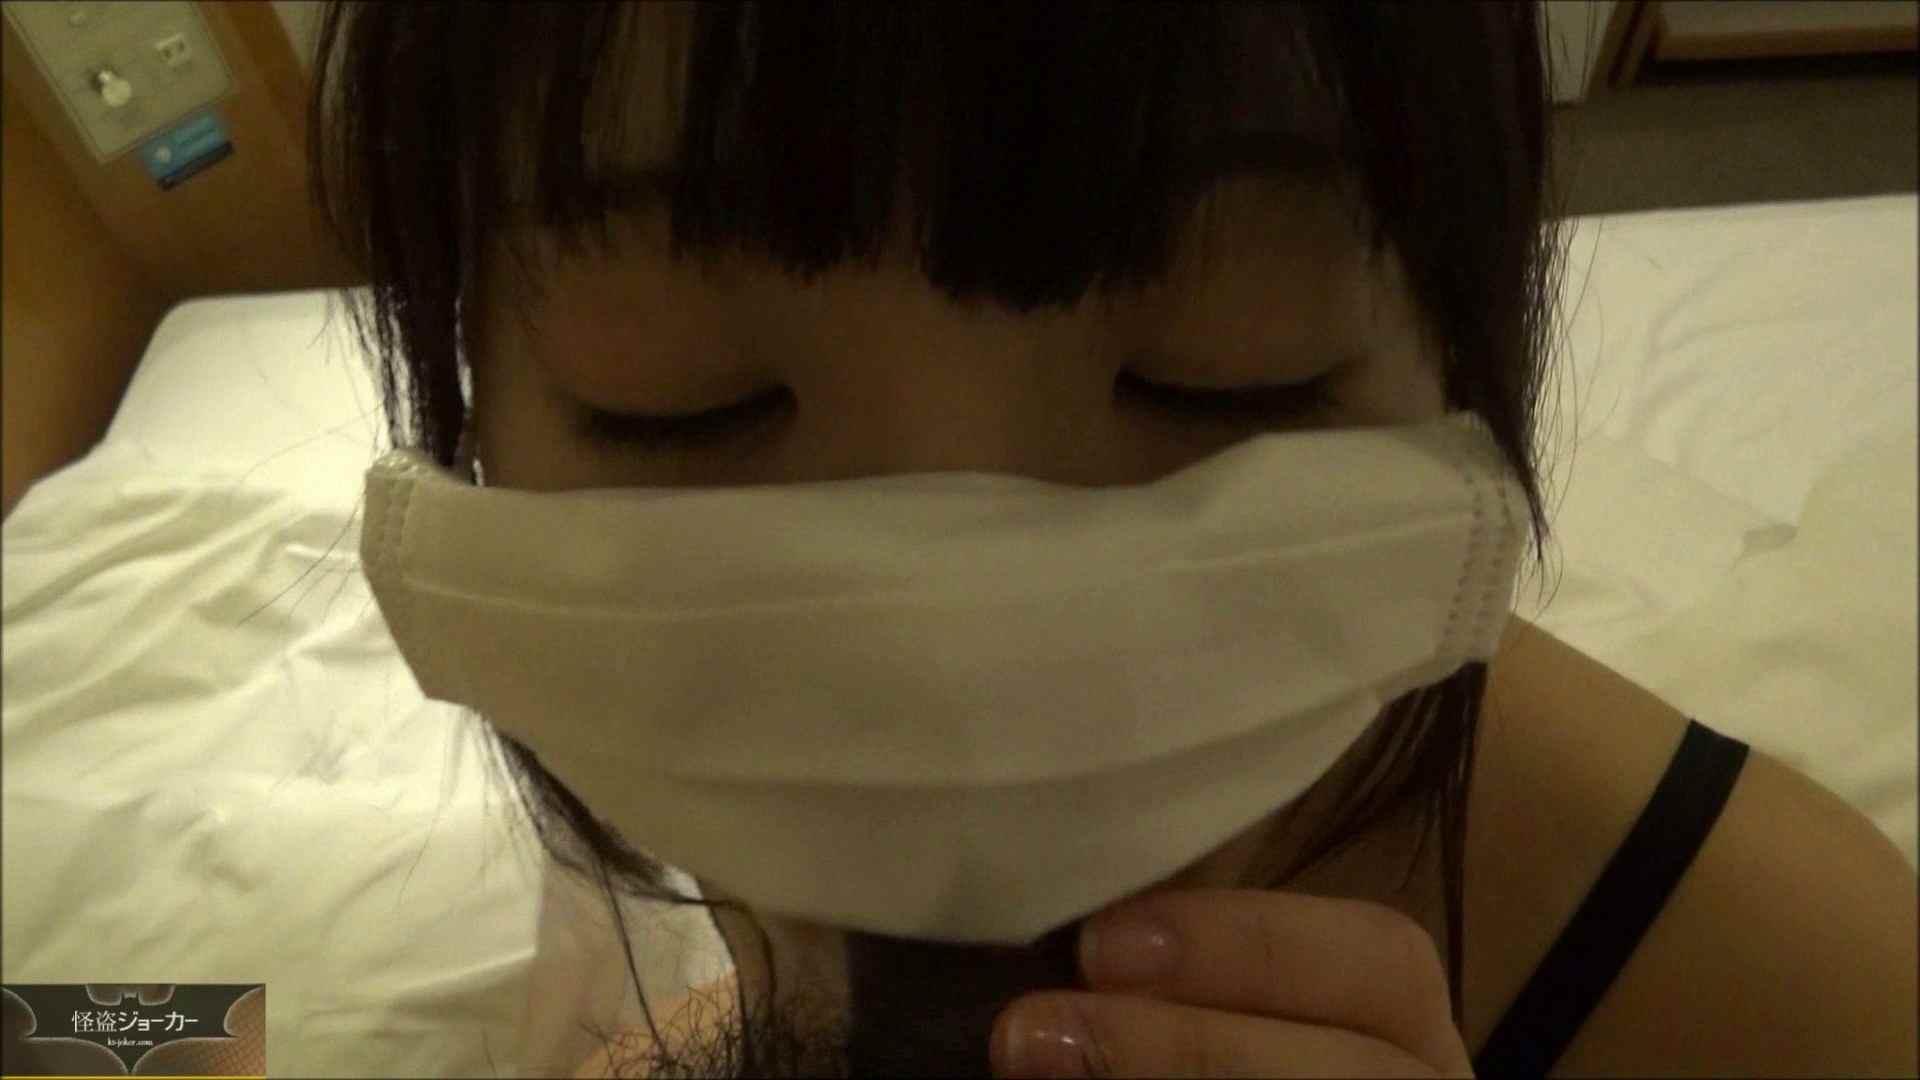 【未公開】vol.79 {関東某有名お嬢様JD}yuunaちゃん③ エッチなお嬢様  93枚 6